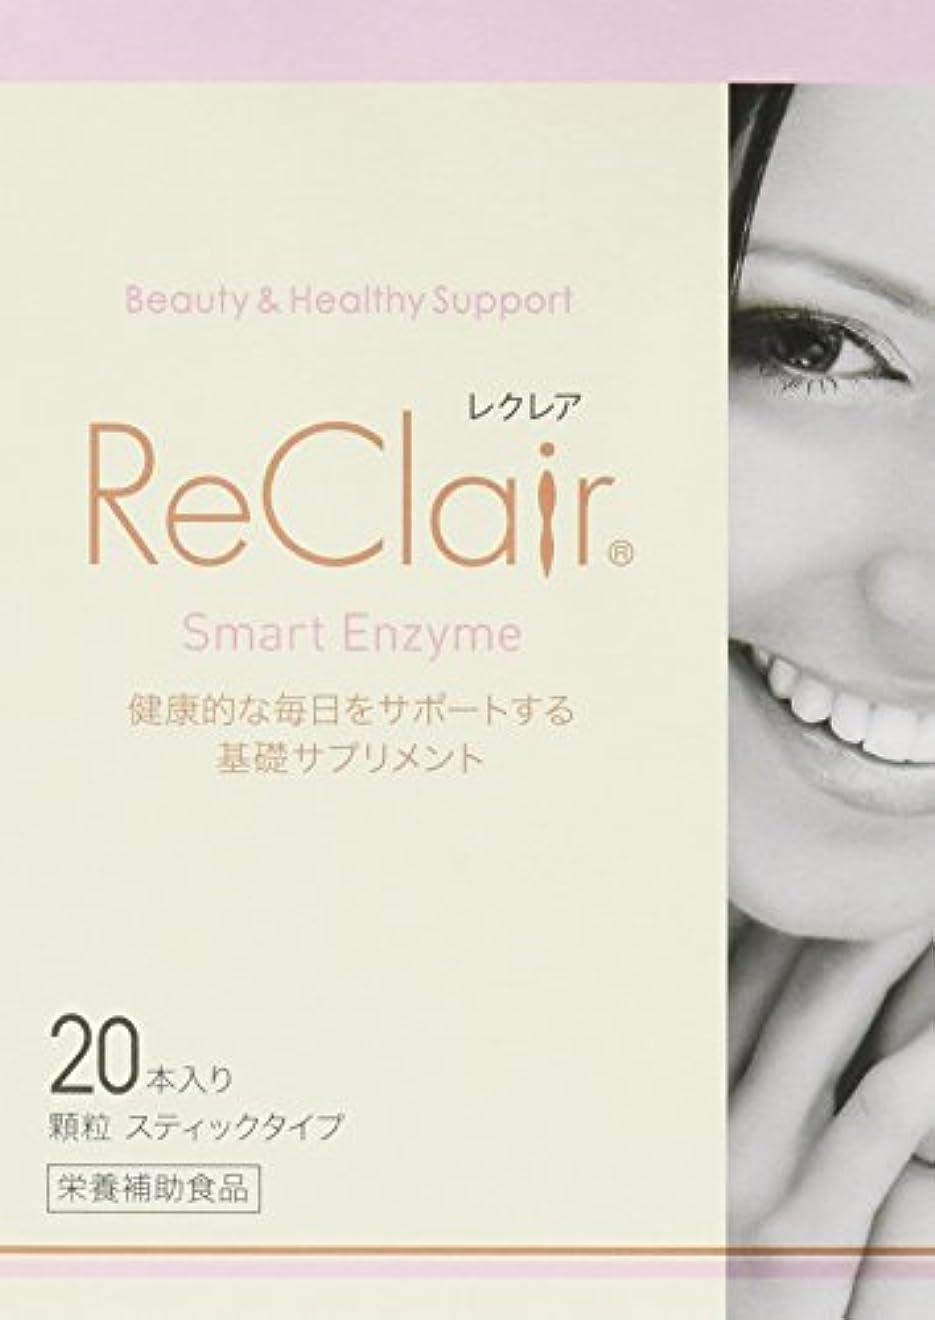 子豚書道補うReClair(レクレア) 5箱セット (2g×20本)